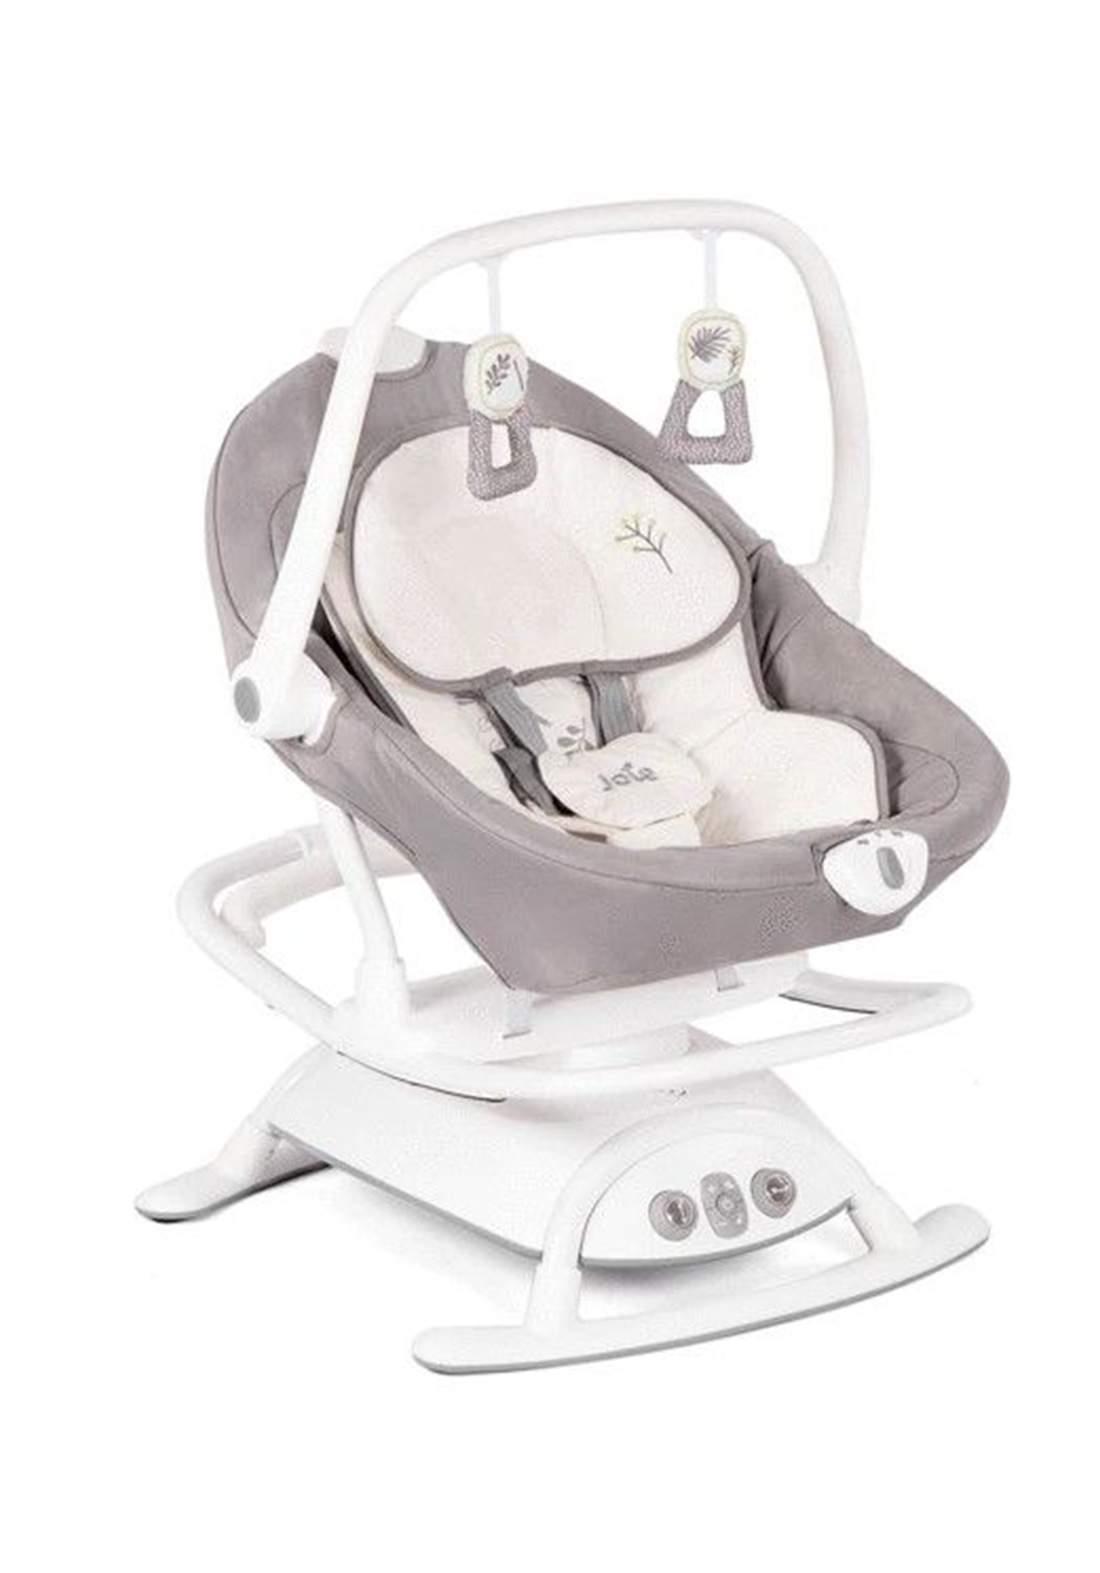 كرسي هزاز للاطفال لحديثي الولادةJoie Baby W1604AAFRN000 Sansa 2in1 Rocker / Soother - Fern